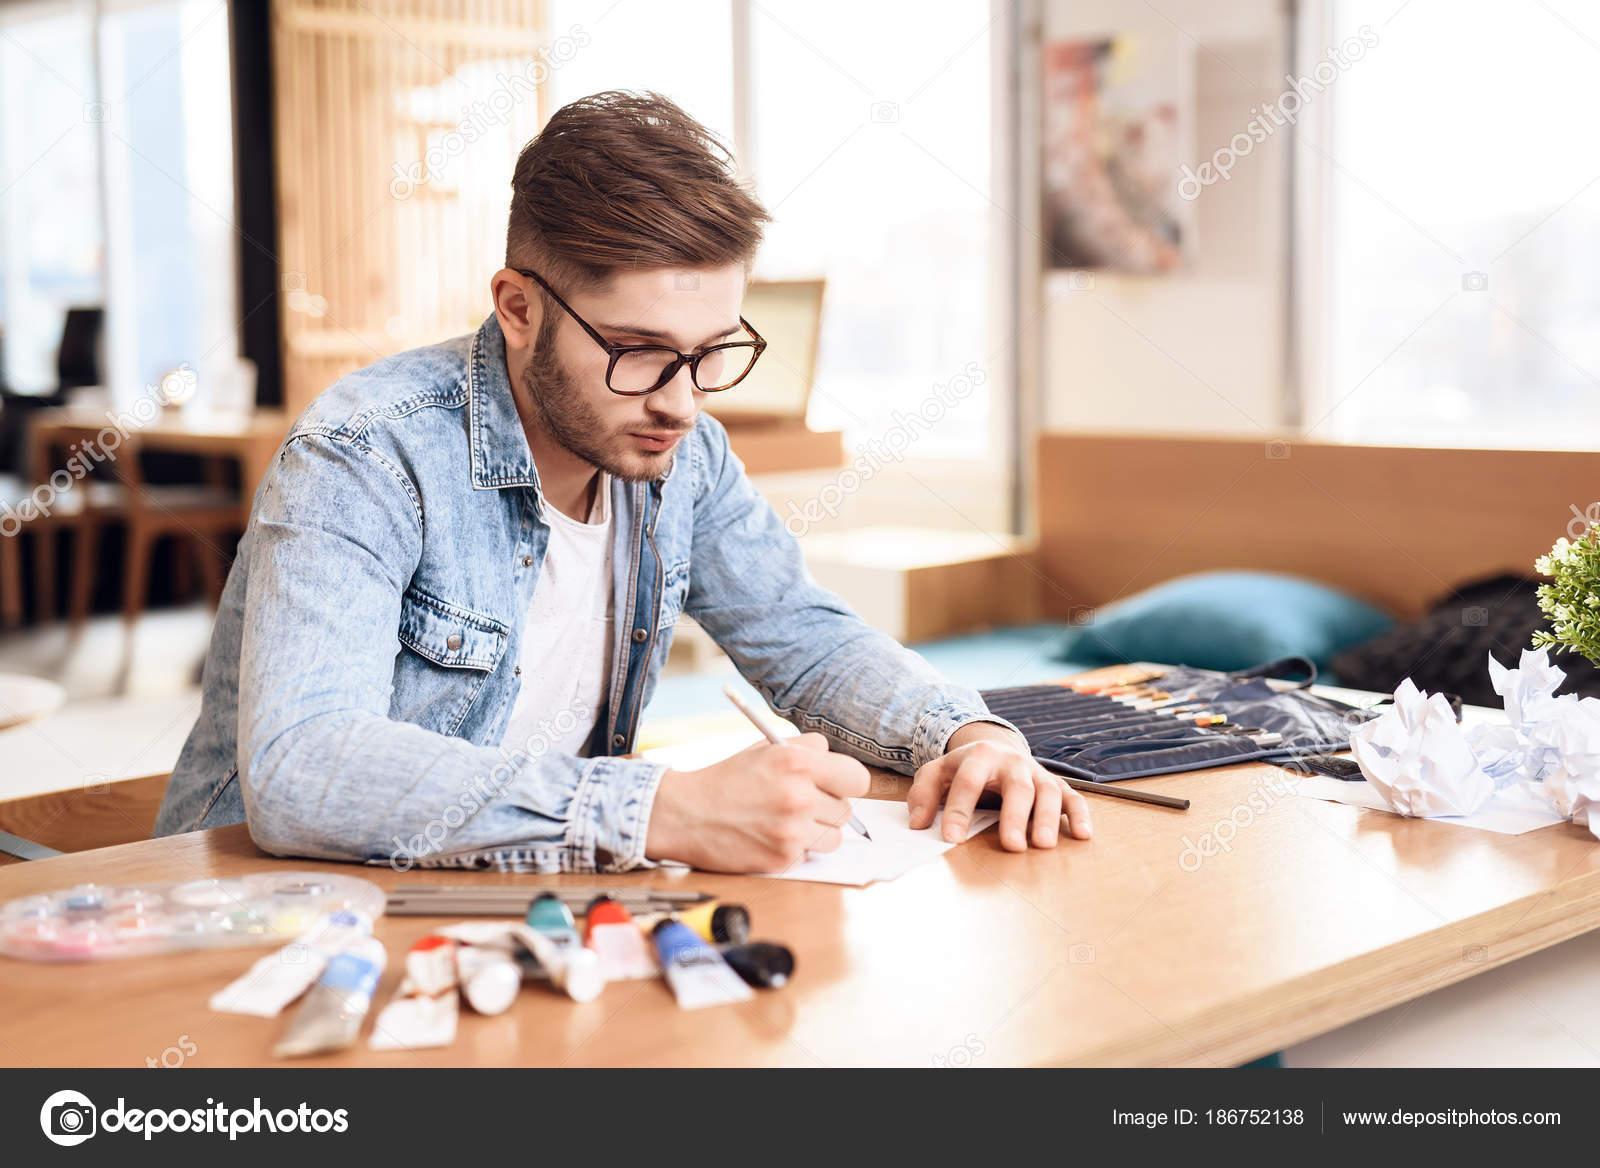 Disegno Uomo Alla Scrivania : Uomo libero professionista disegno su carta con matita seduto alla